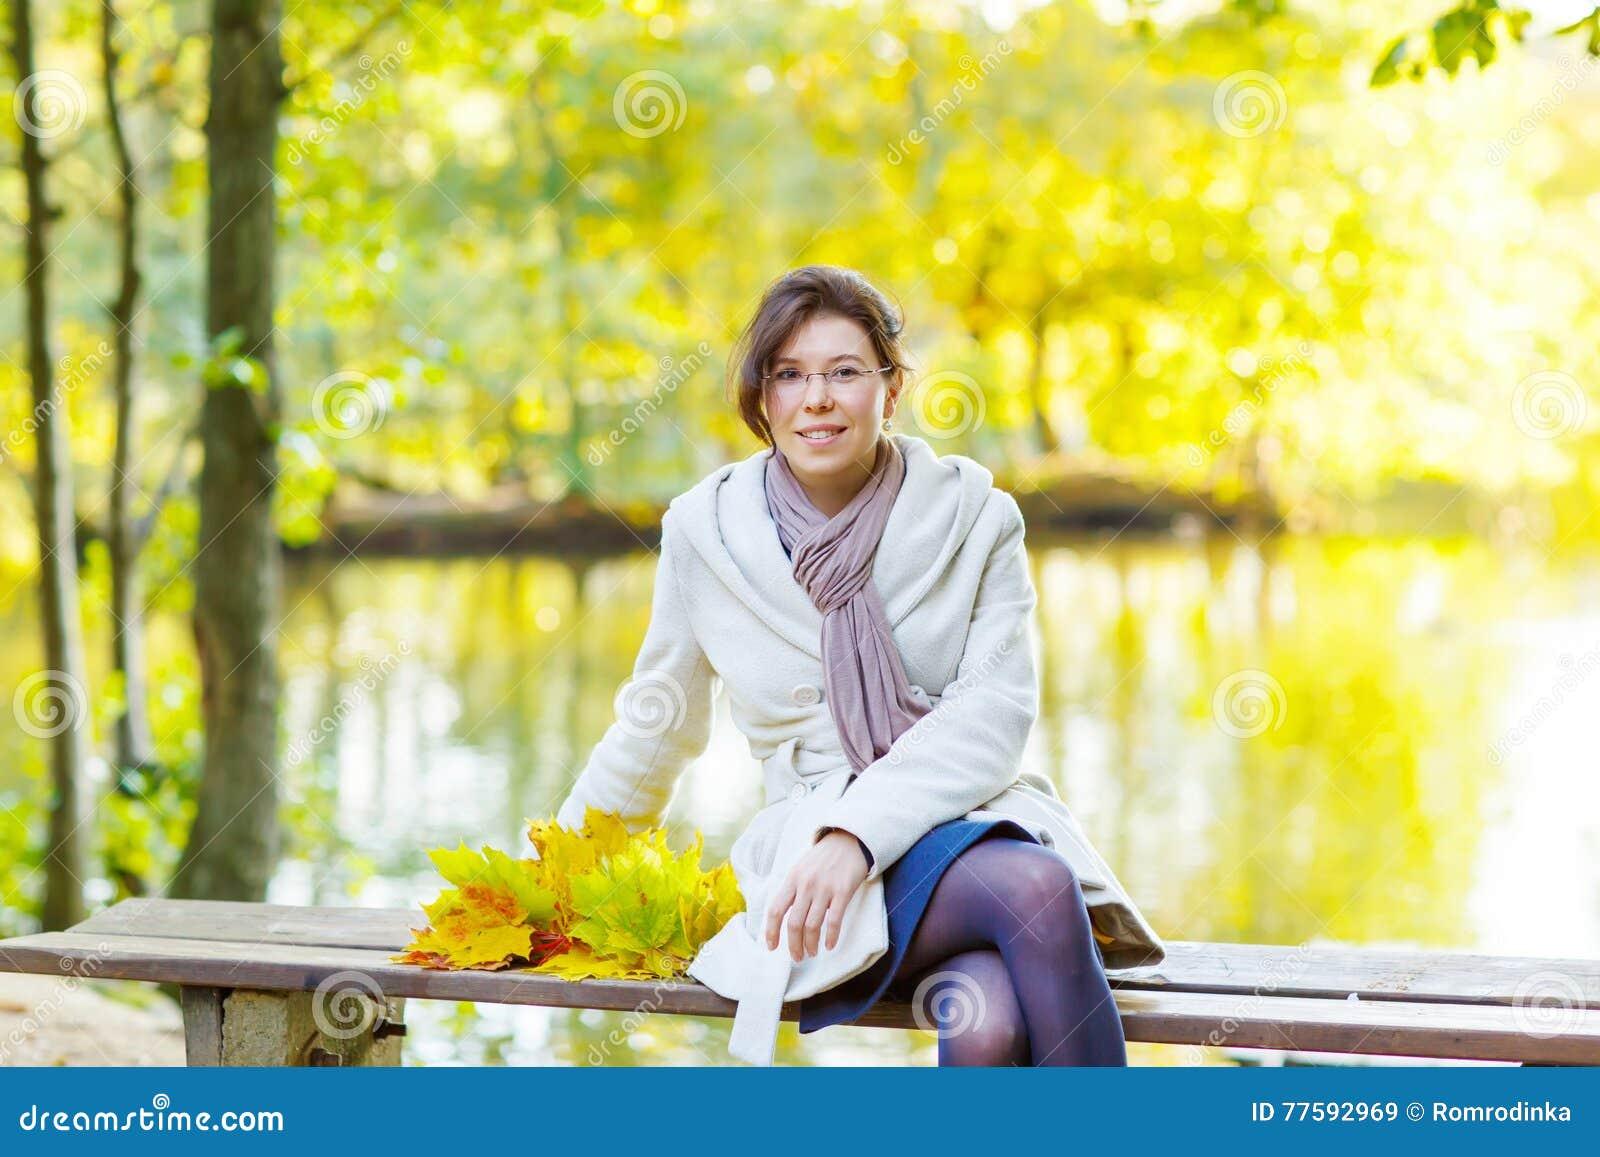 Ευτυχής νέα γυναίκα με τη γιρλάντα φύλλων σφενδάμου φθινοπώρου στο πάρκο